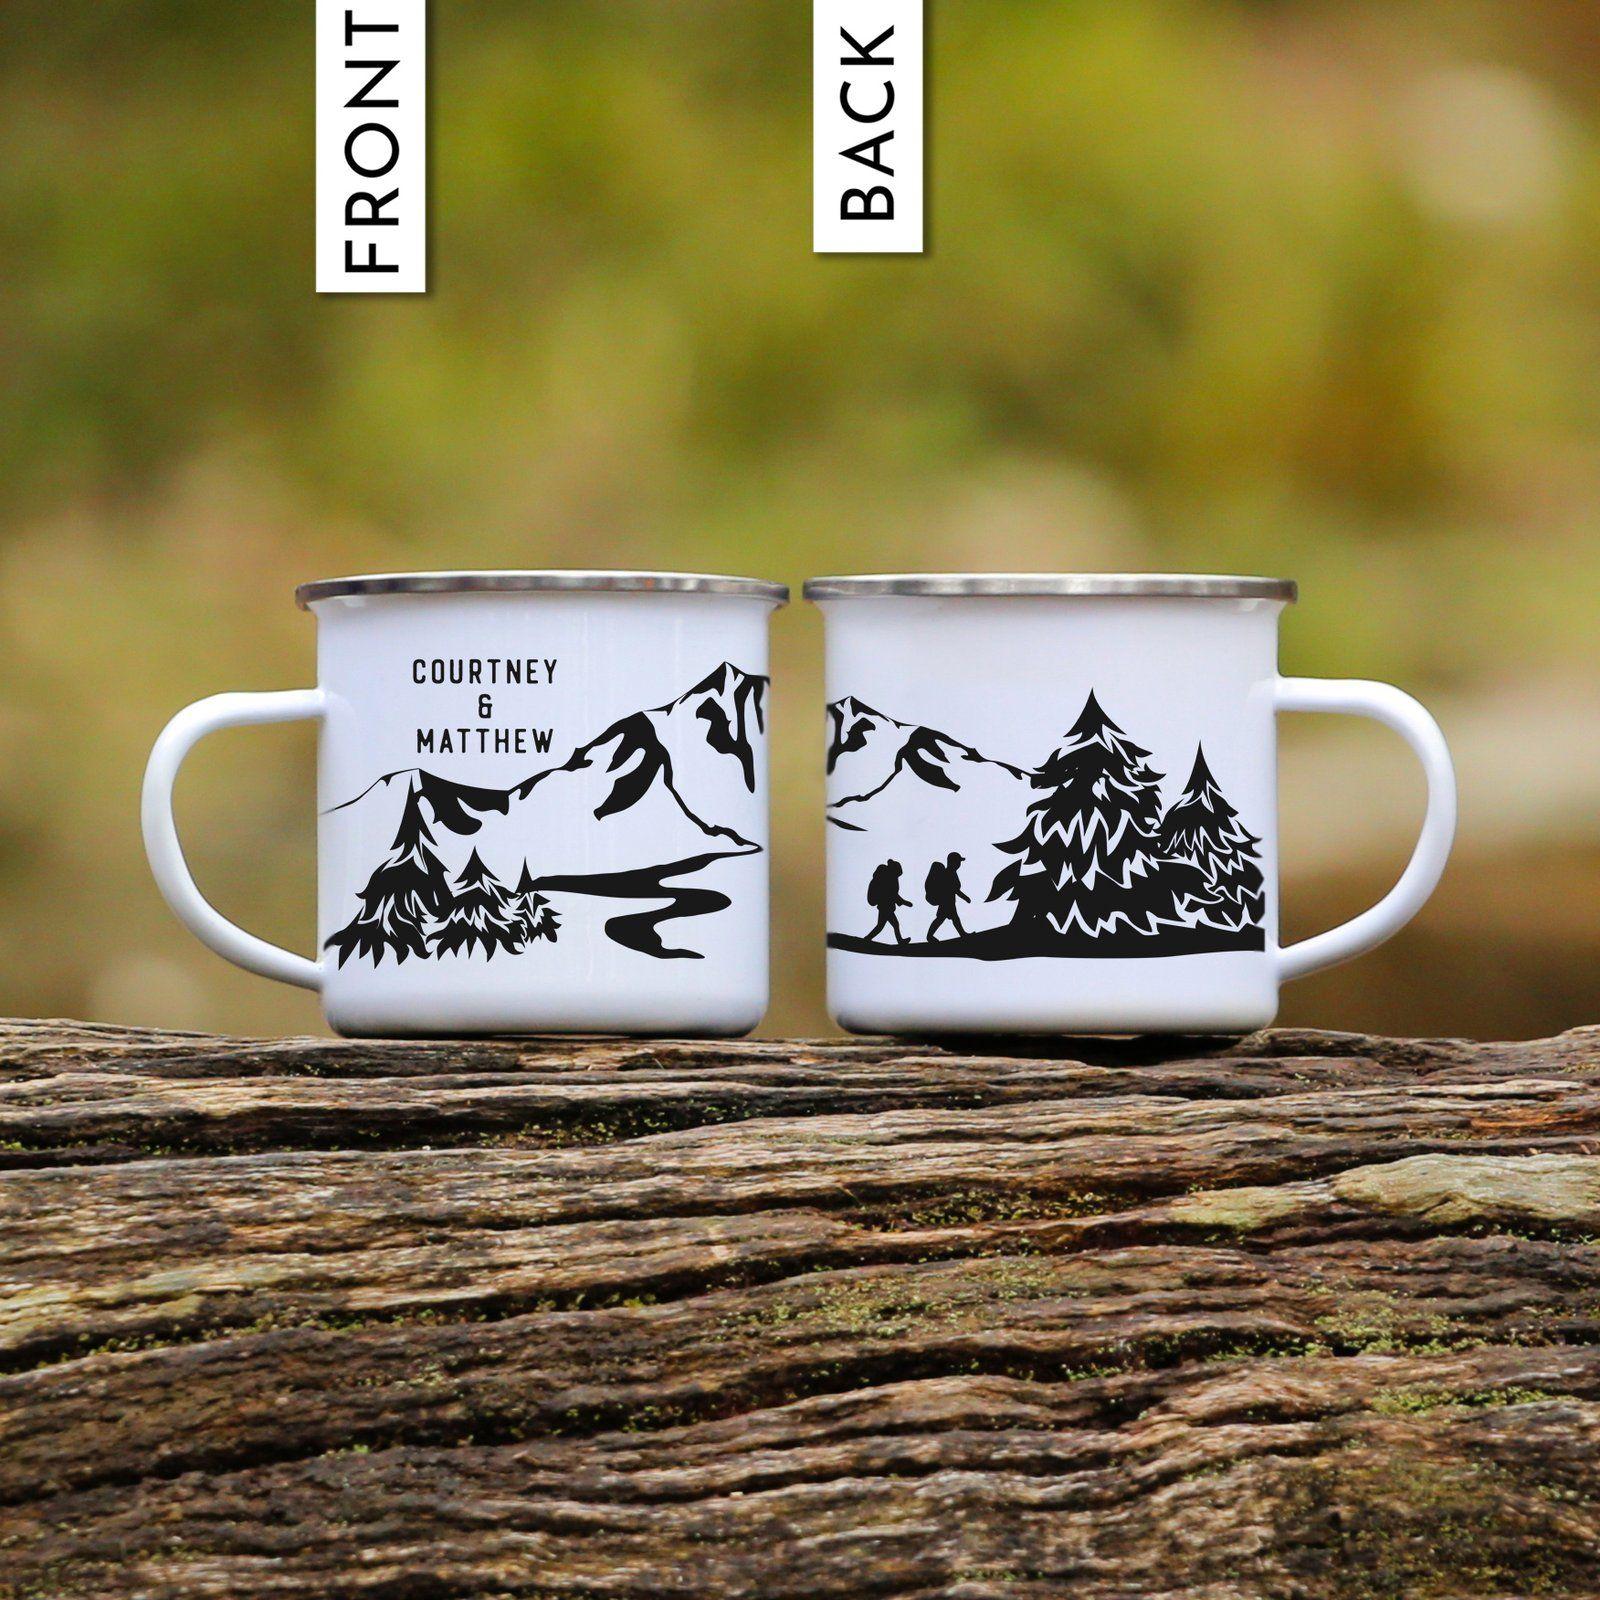 Hiking Mug Personalized Mugs, Personalized coffee mugs